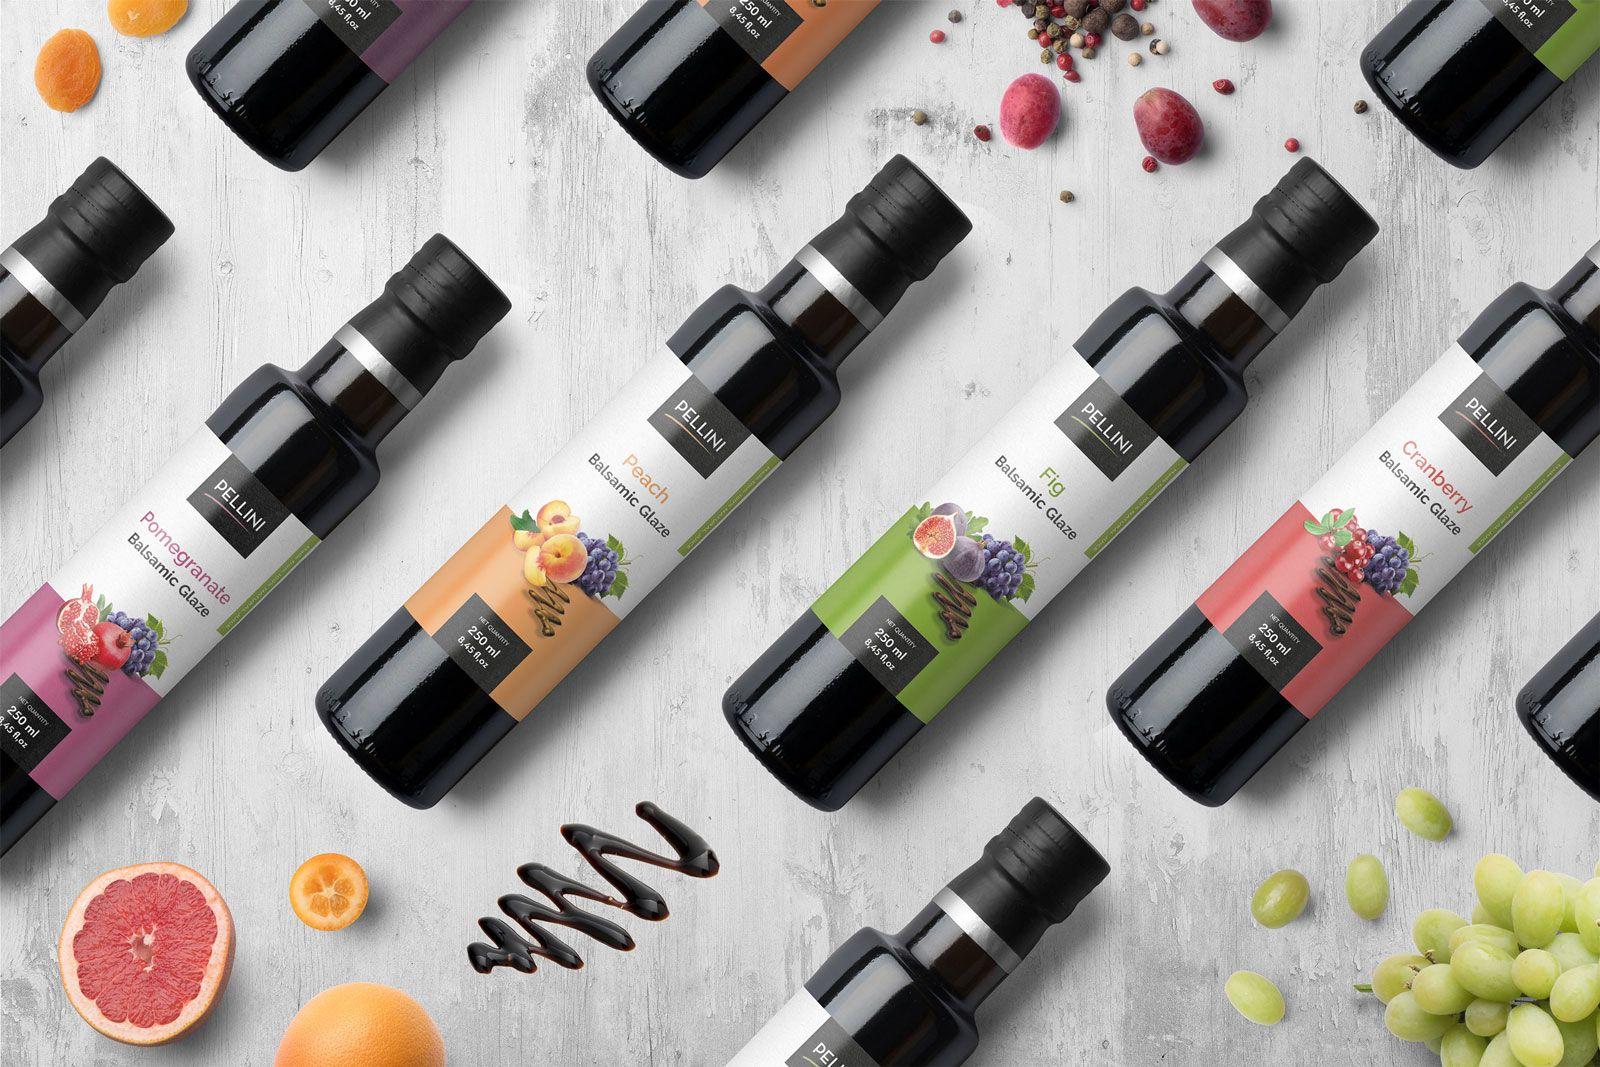 Packaging Design For Balsamic Vinegar (1)